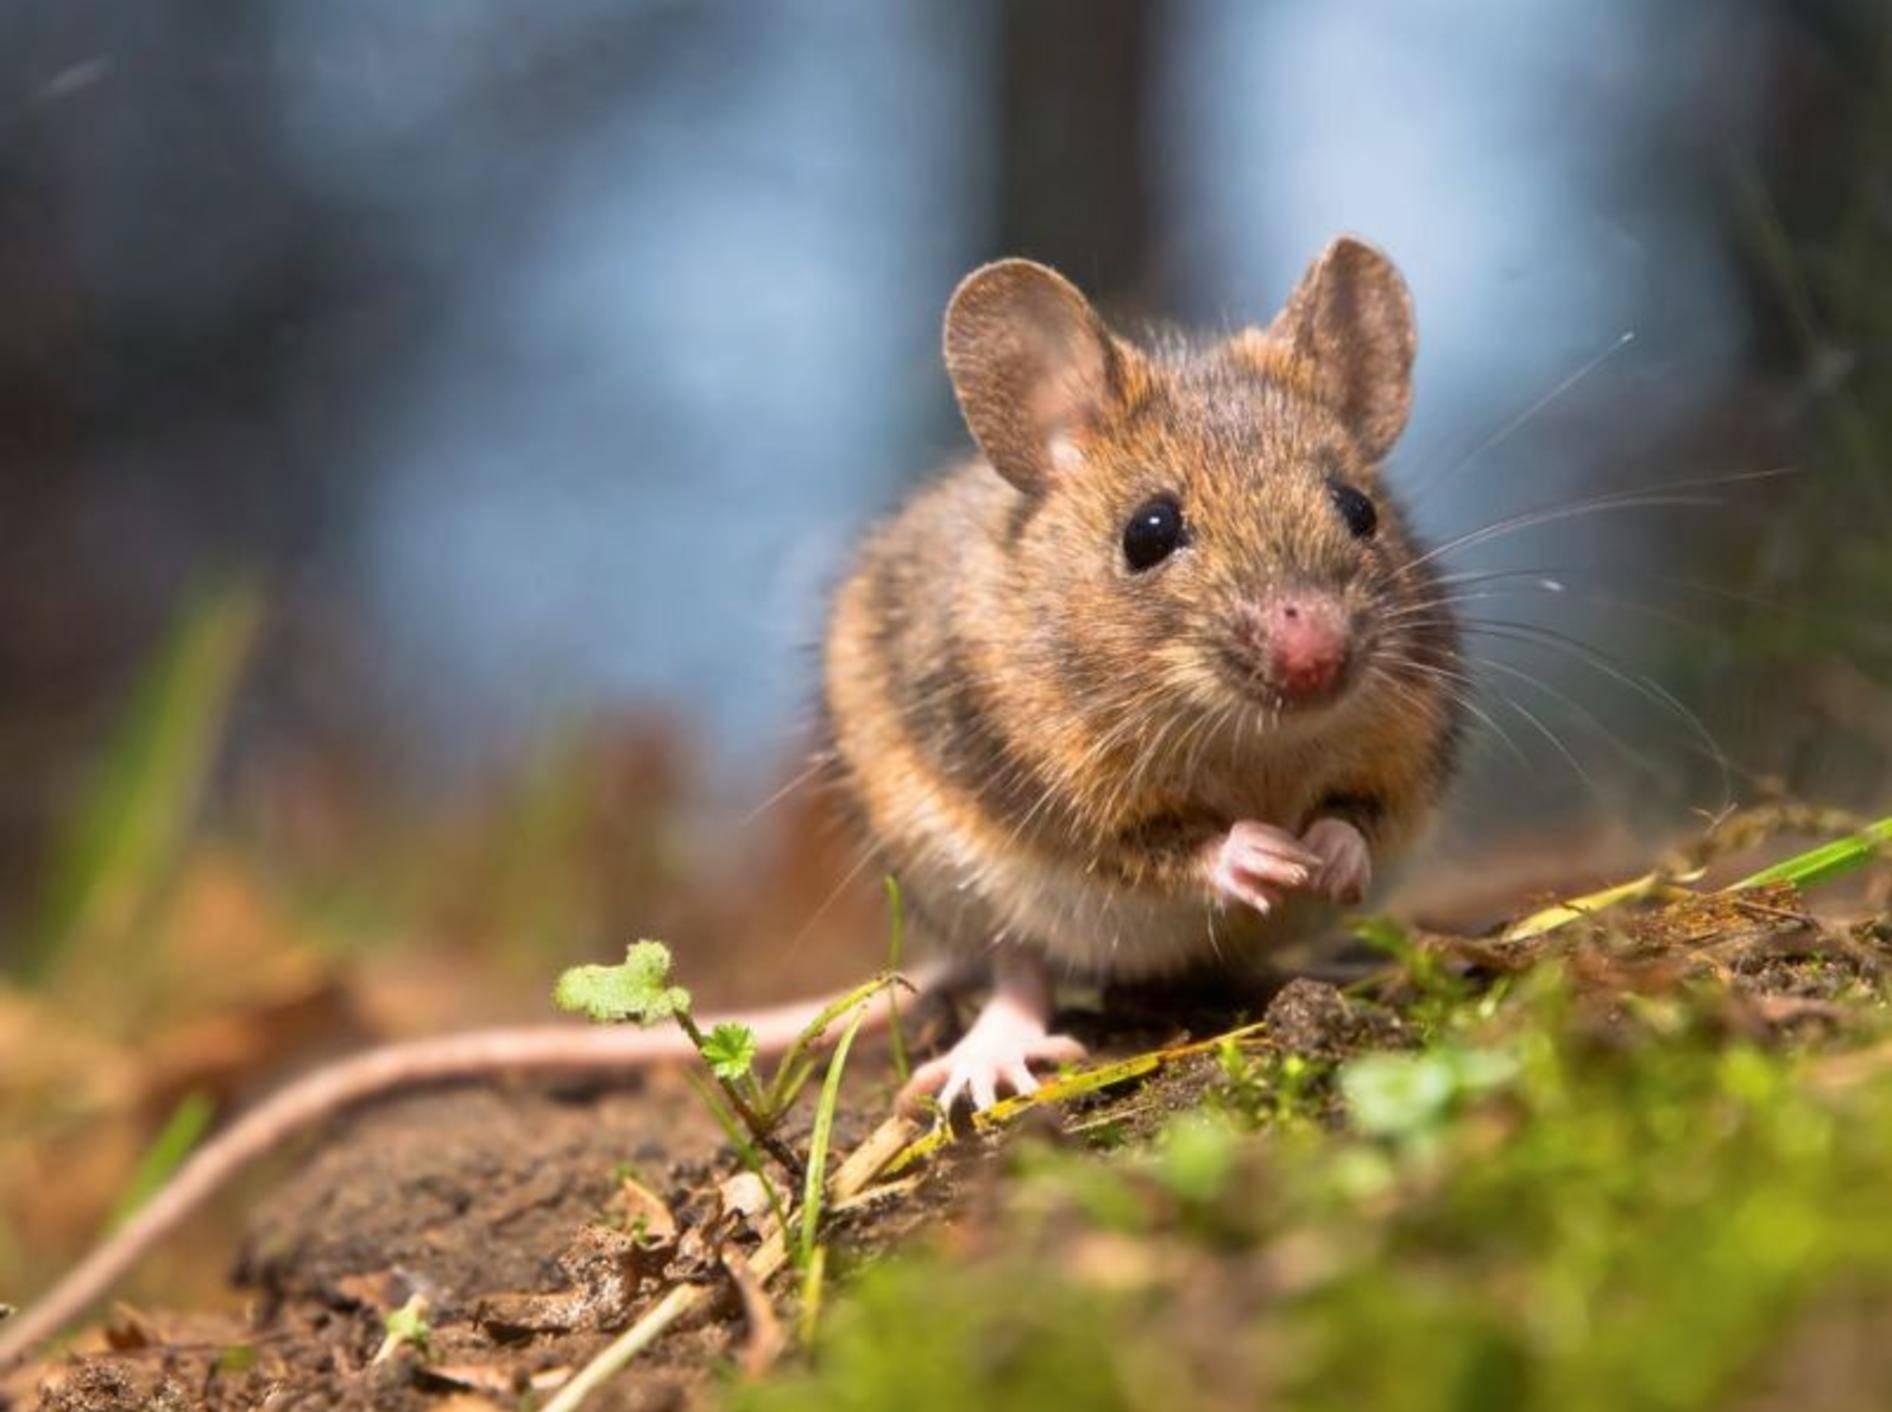 Wilde Maus auf dem Feld